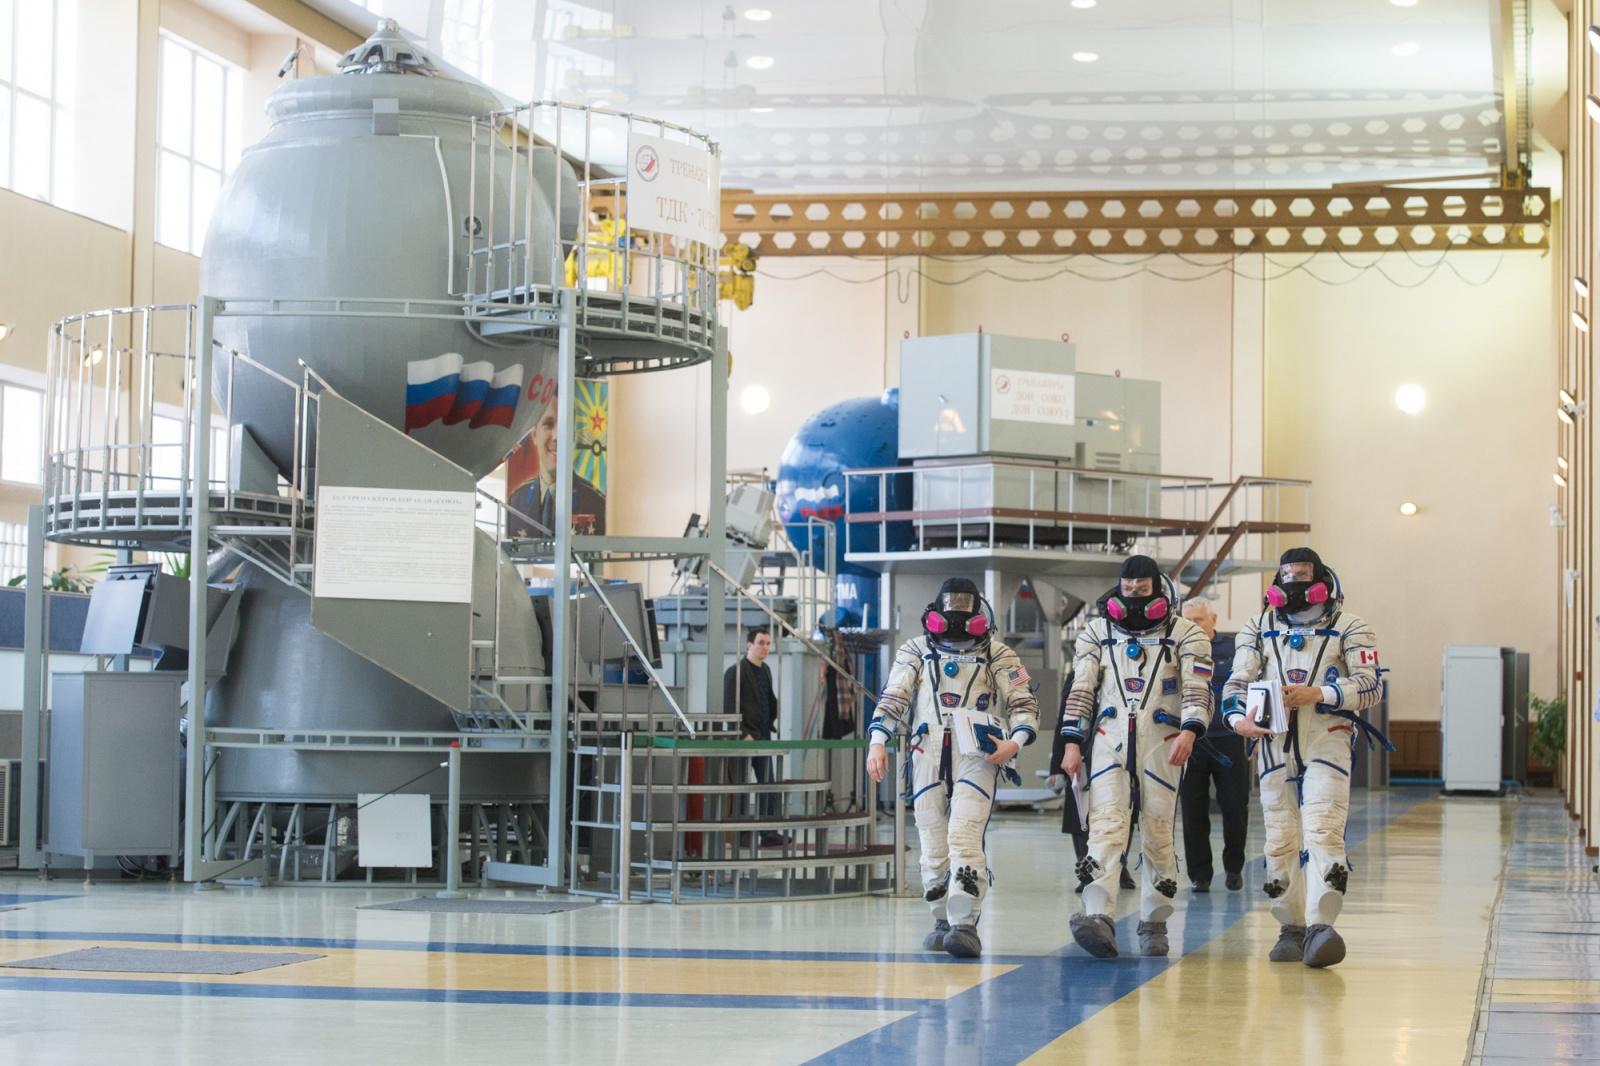 Центр подготовки космонавтов имени Ю.А. Гагарина и Роскосмос начал открытый набор в отряд космонавтов - 1